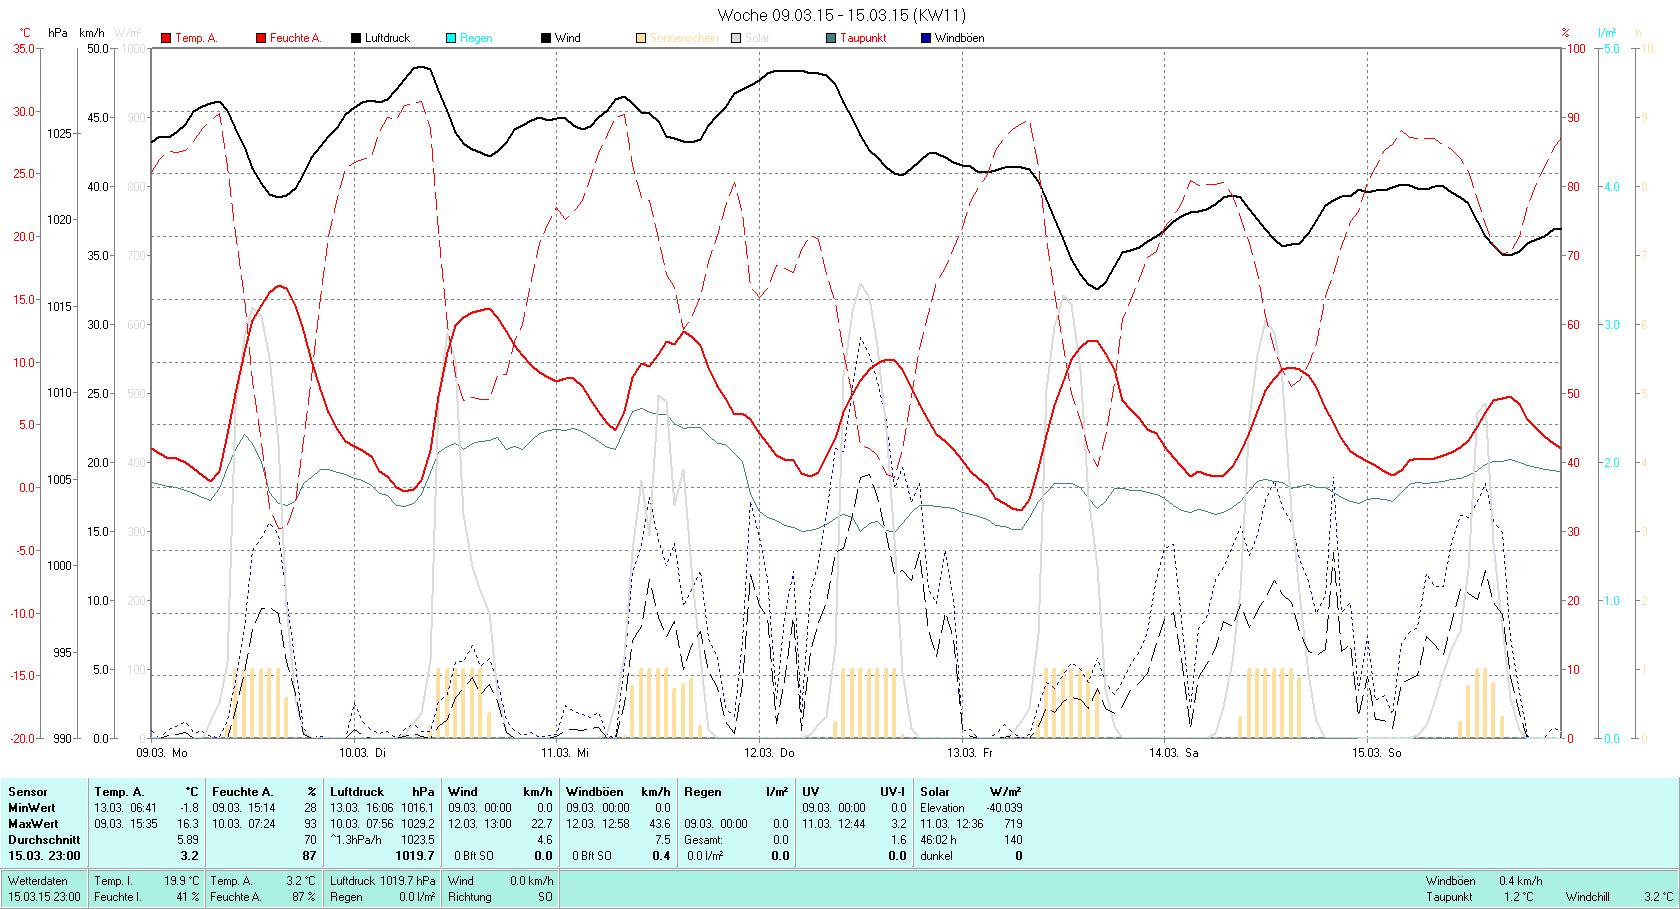 KW 11 Tmin -1.8°C, Tmax 16.3°C, Sonne 46:02h, Niederschlag 0.0mm/2